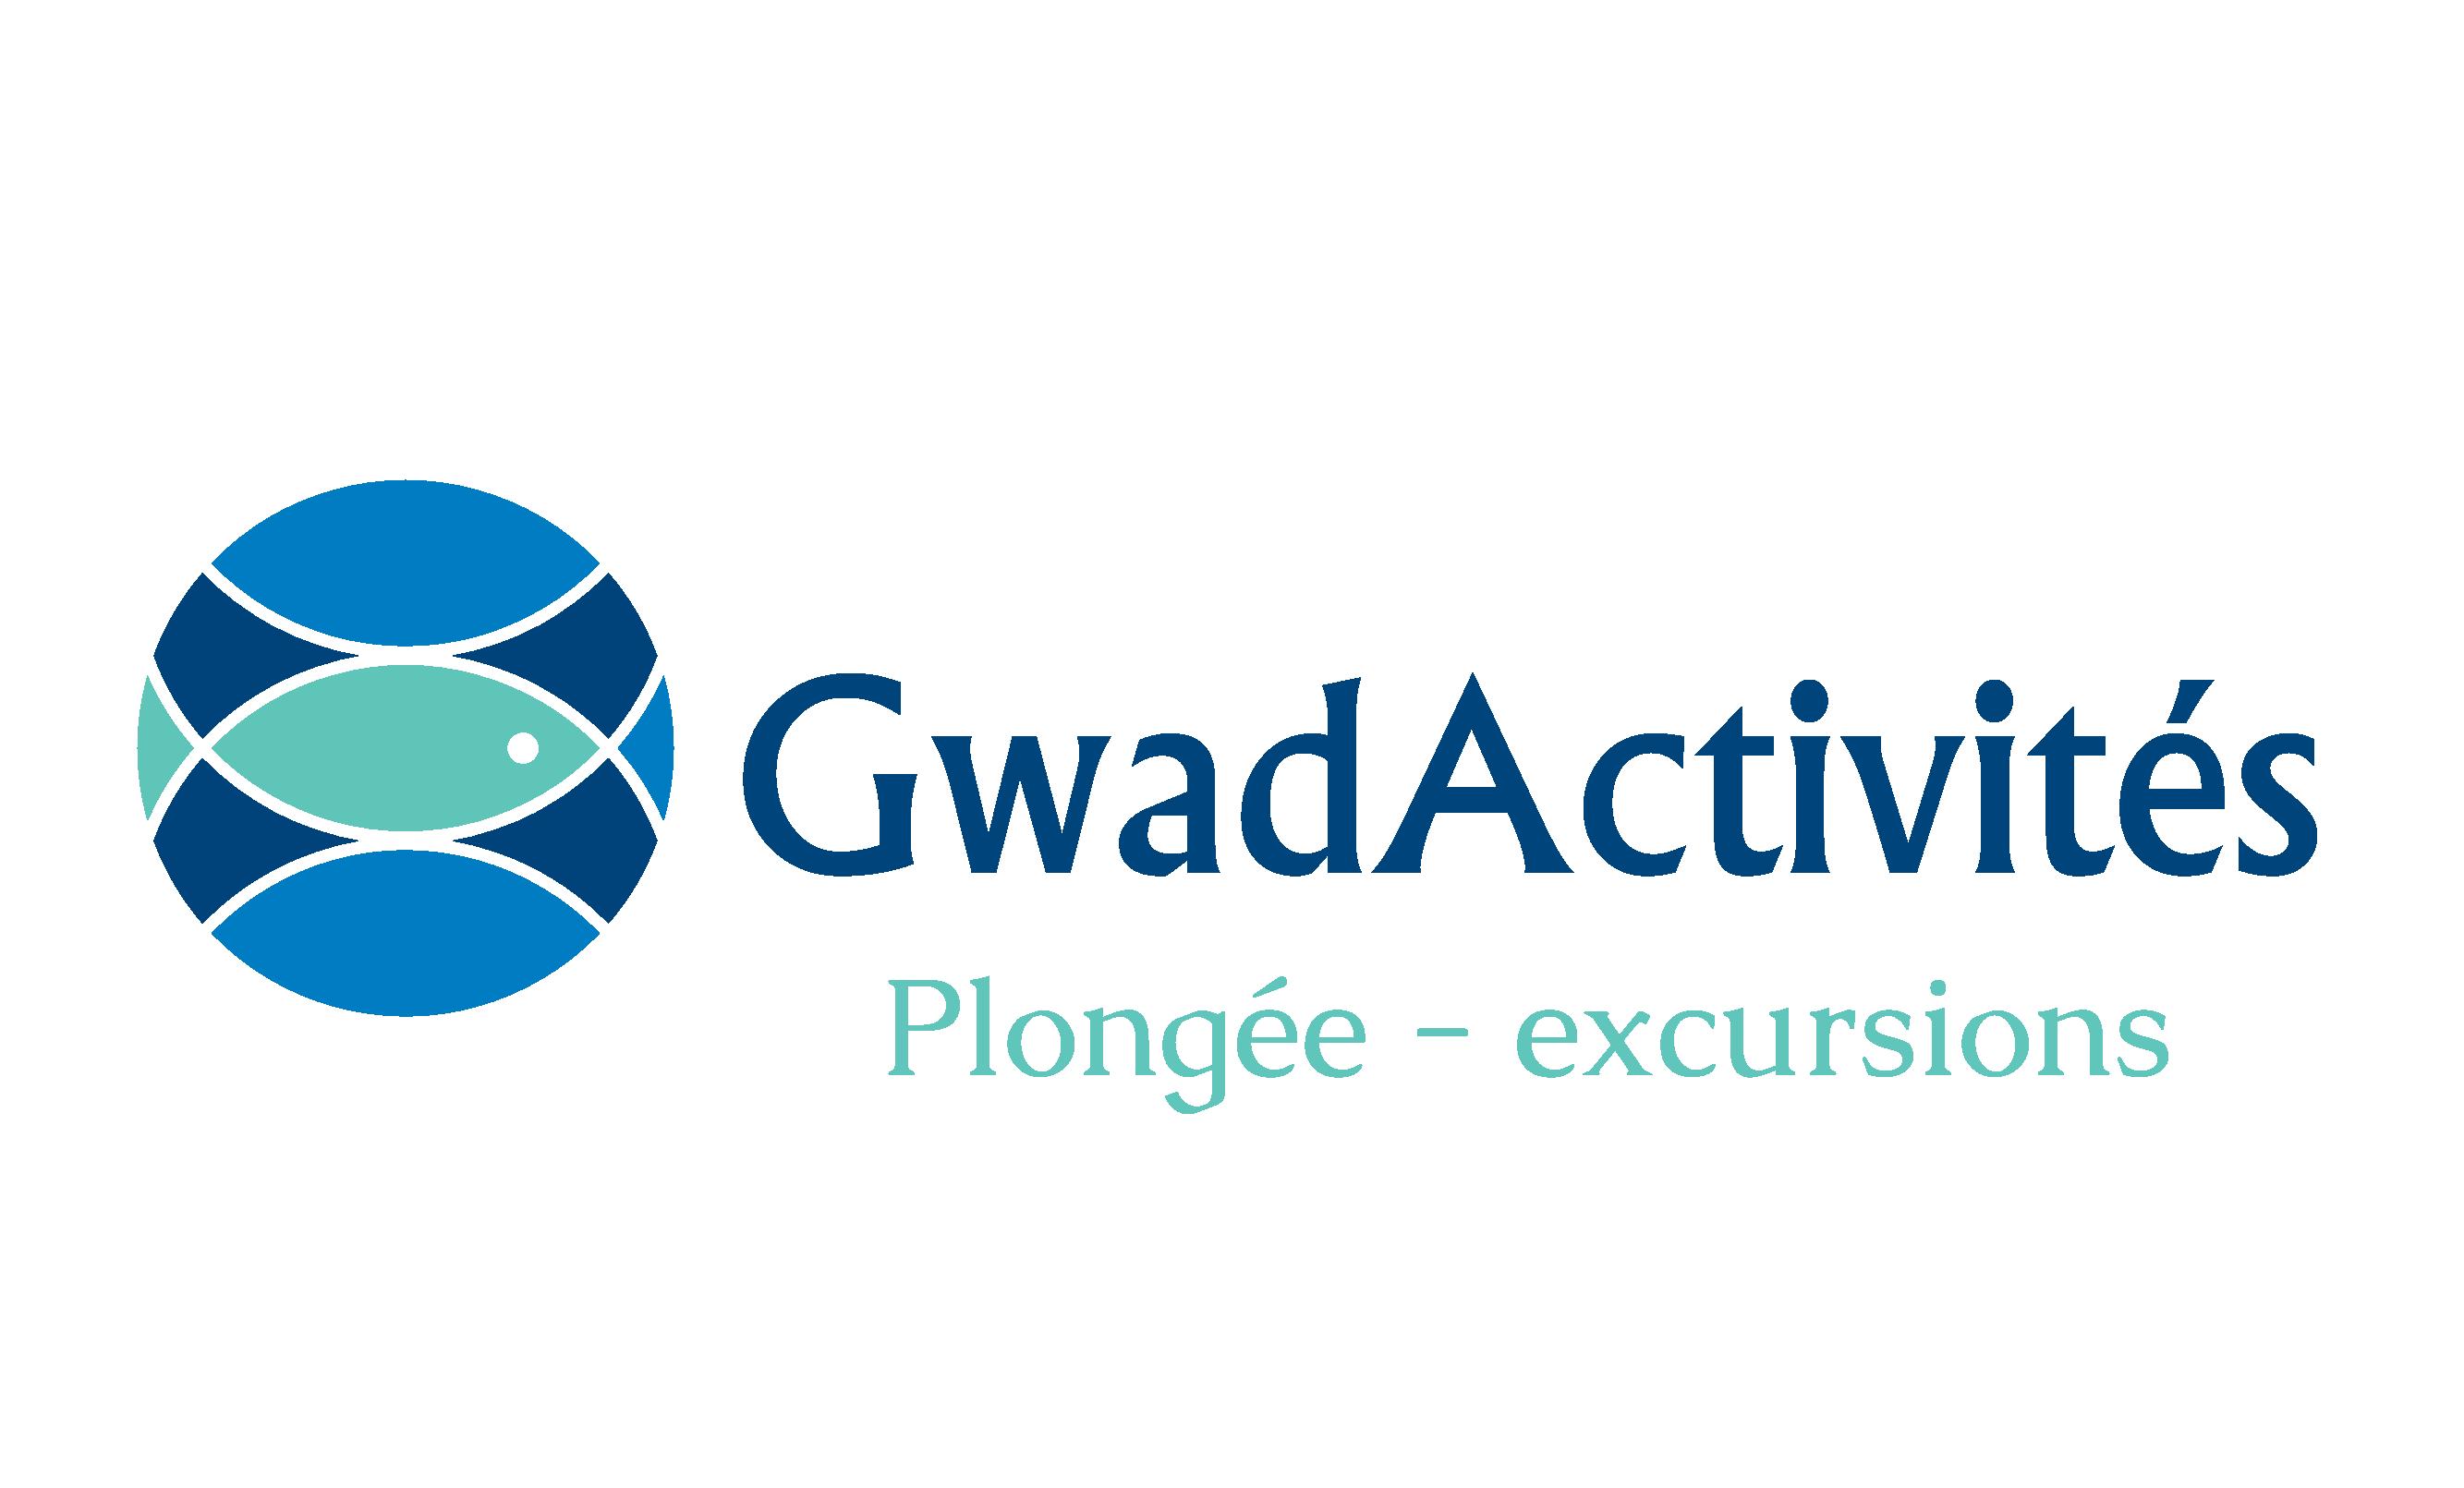 gwadactivites